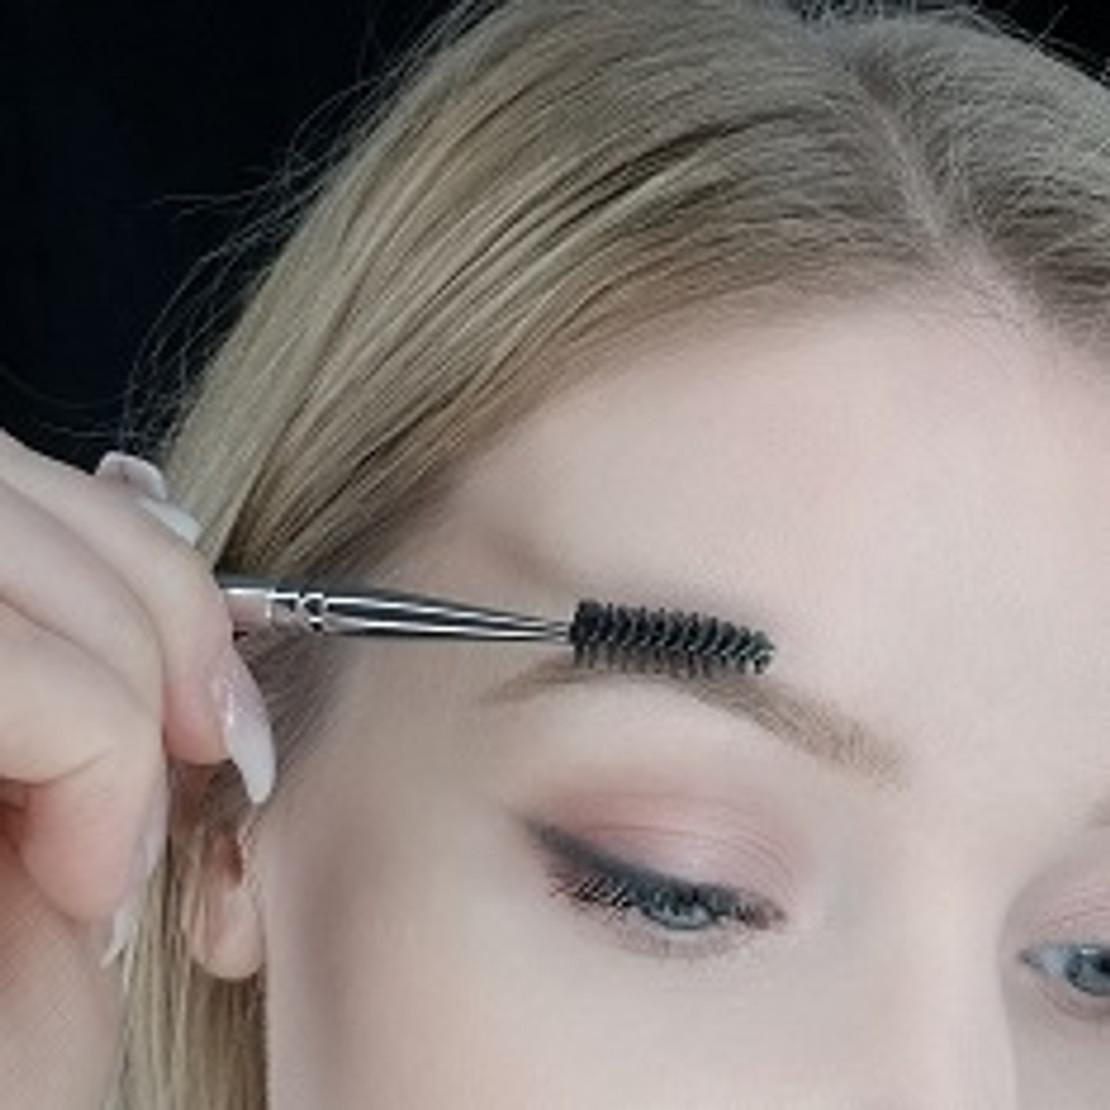 Makeup Tip Tuesday - Brow Gel!